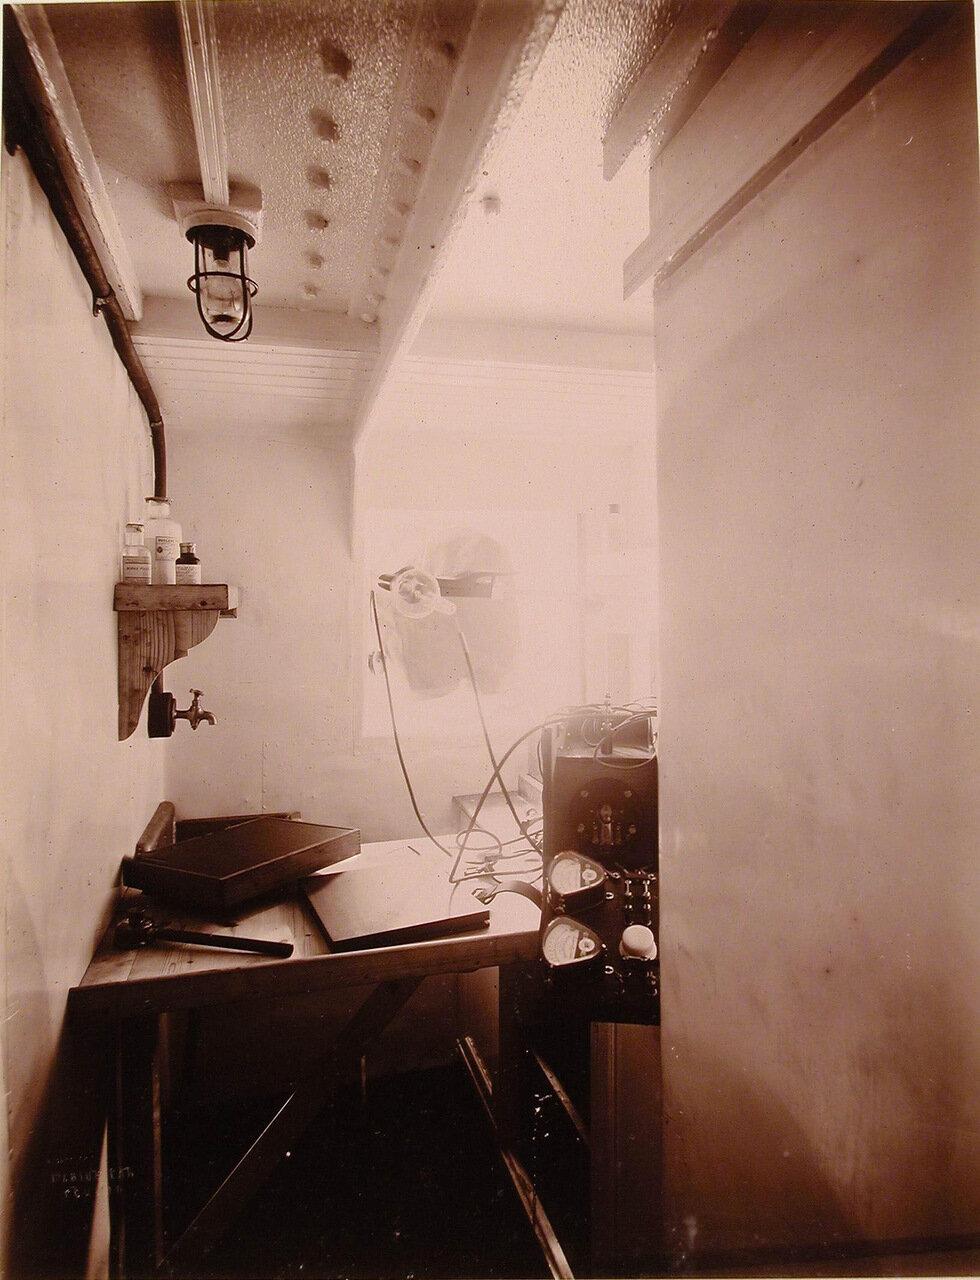 23. Вид части рентгеновского кабинета оборудованного в одном из помещений плавучего госпиталя Орёл